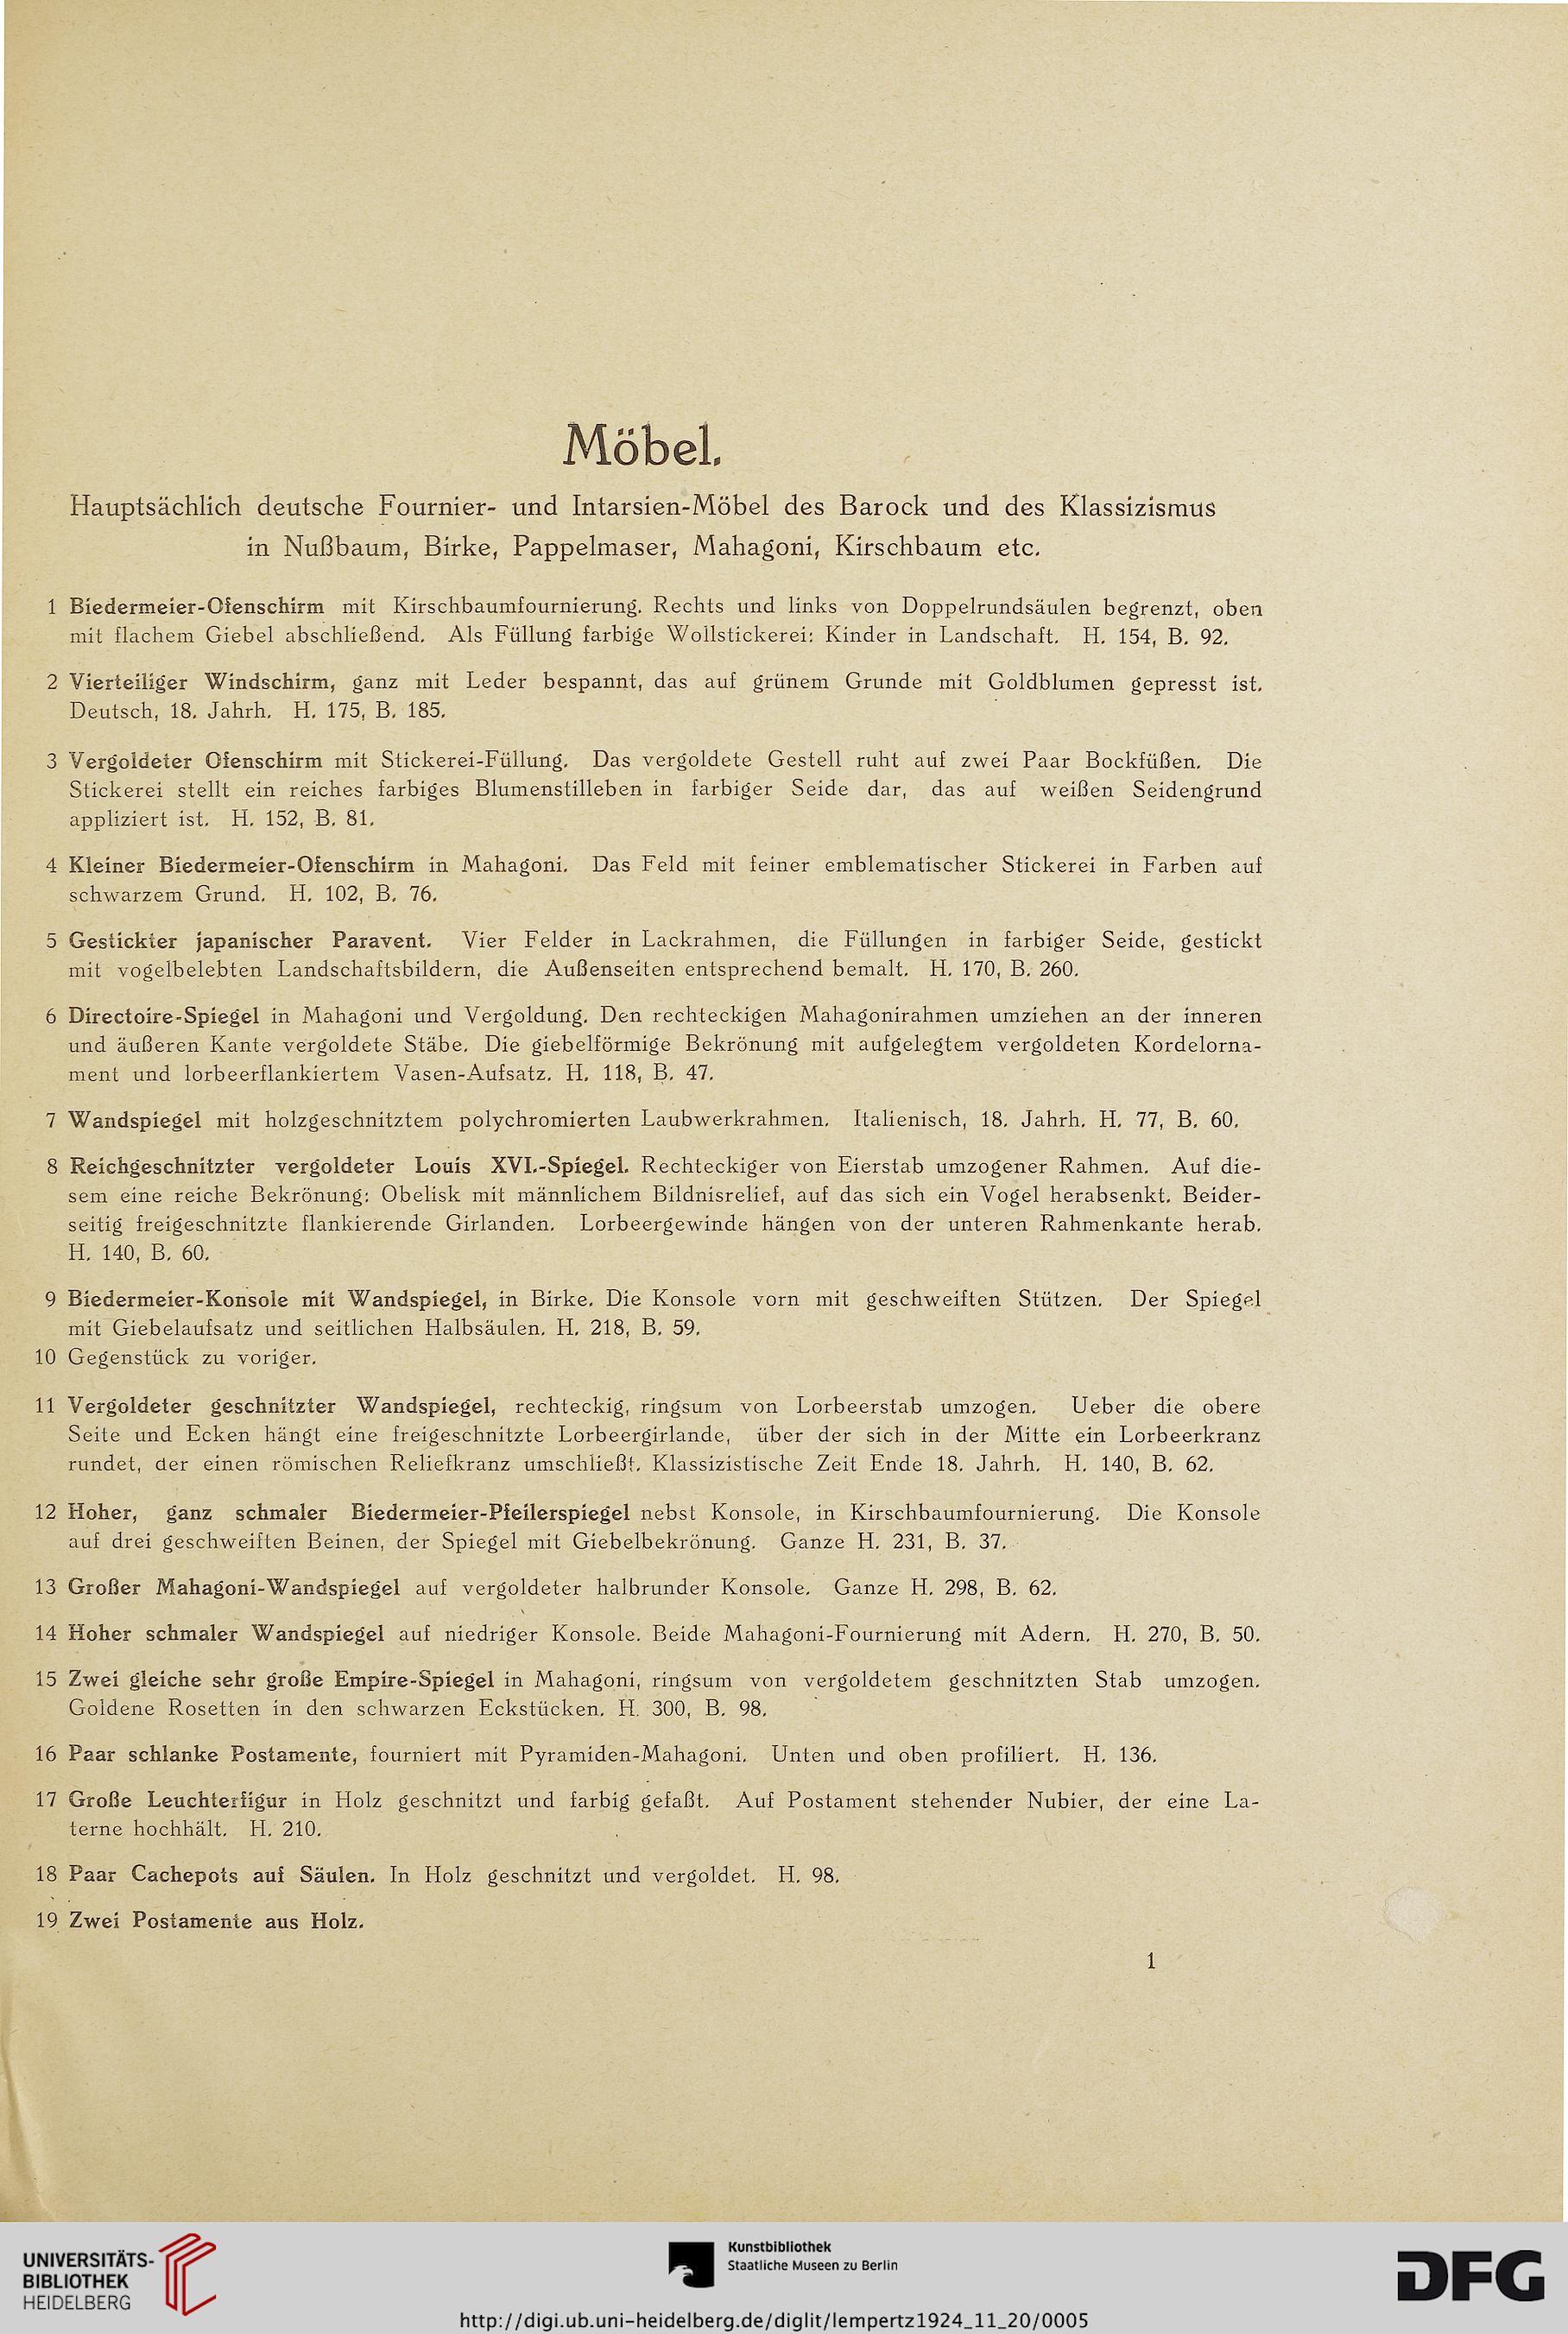 M. Lempertz\' Antiquariat (P. Hanstein) [Hrsg.]: Deutsche Fournier ...